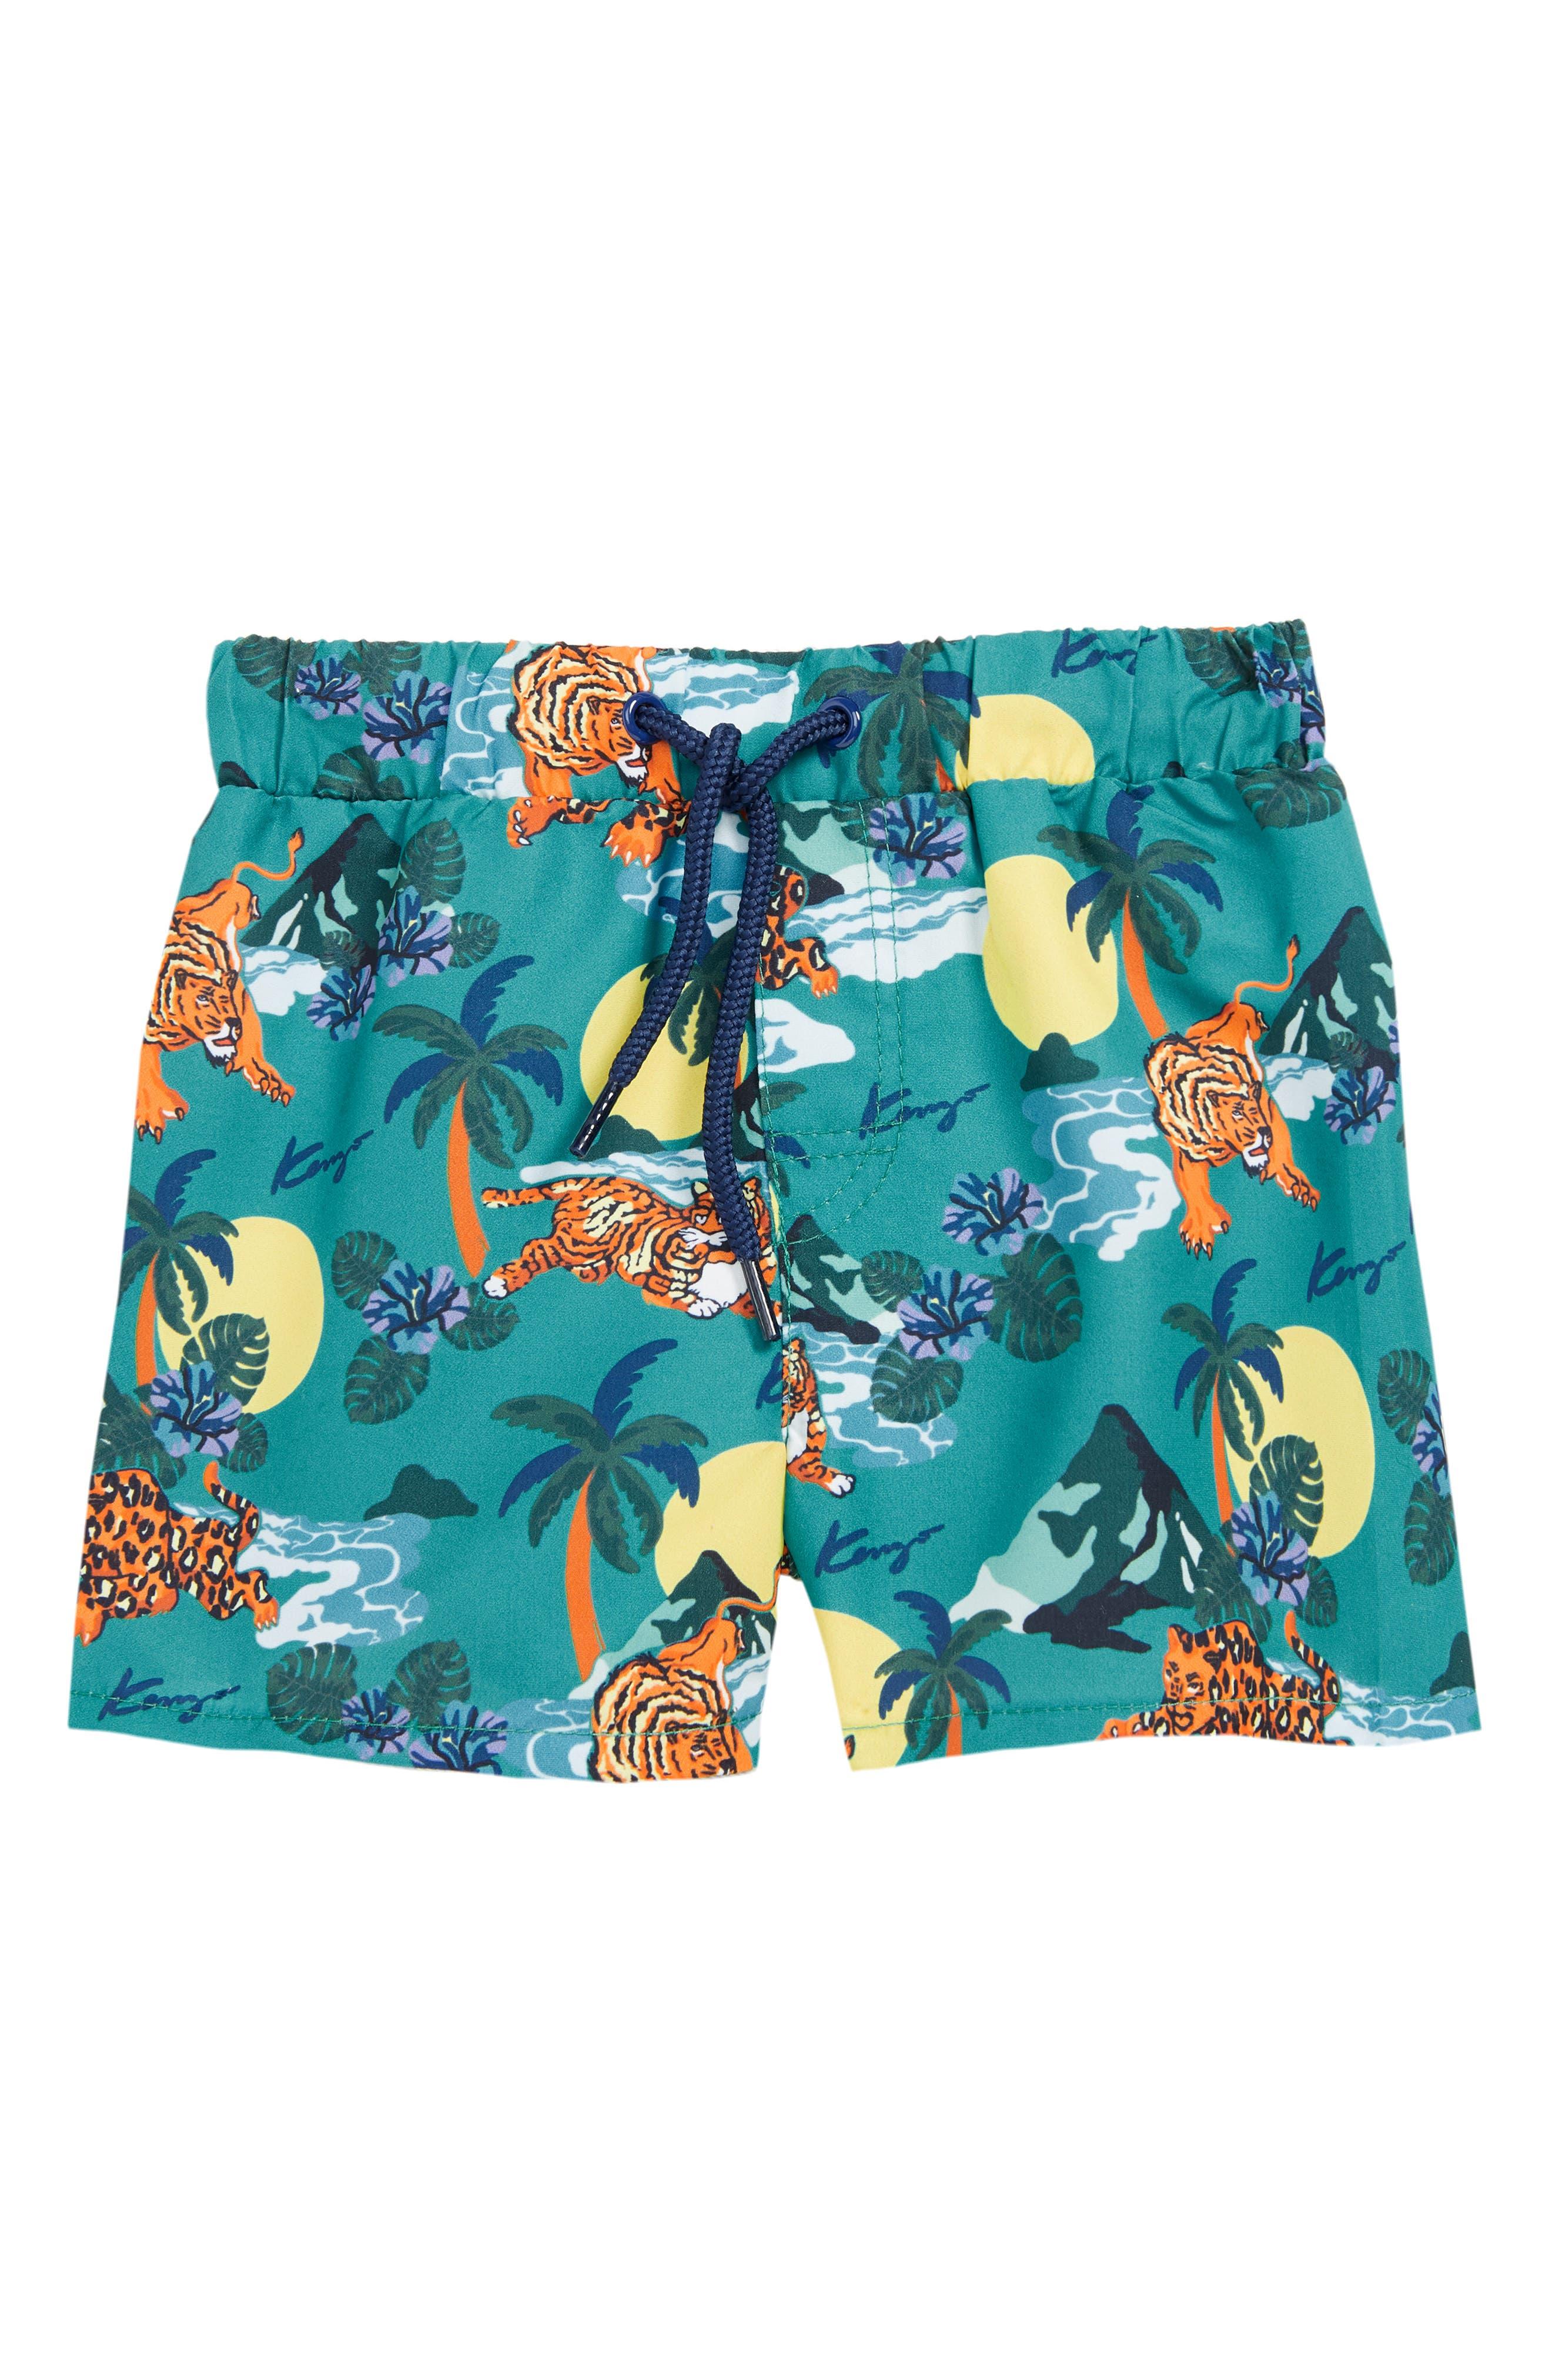 KENZO Print Bermuda Swim Shorts, Main, color, MENTHOL